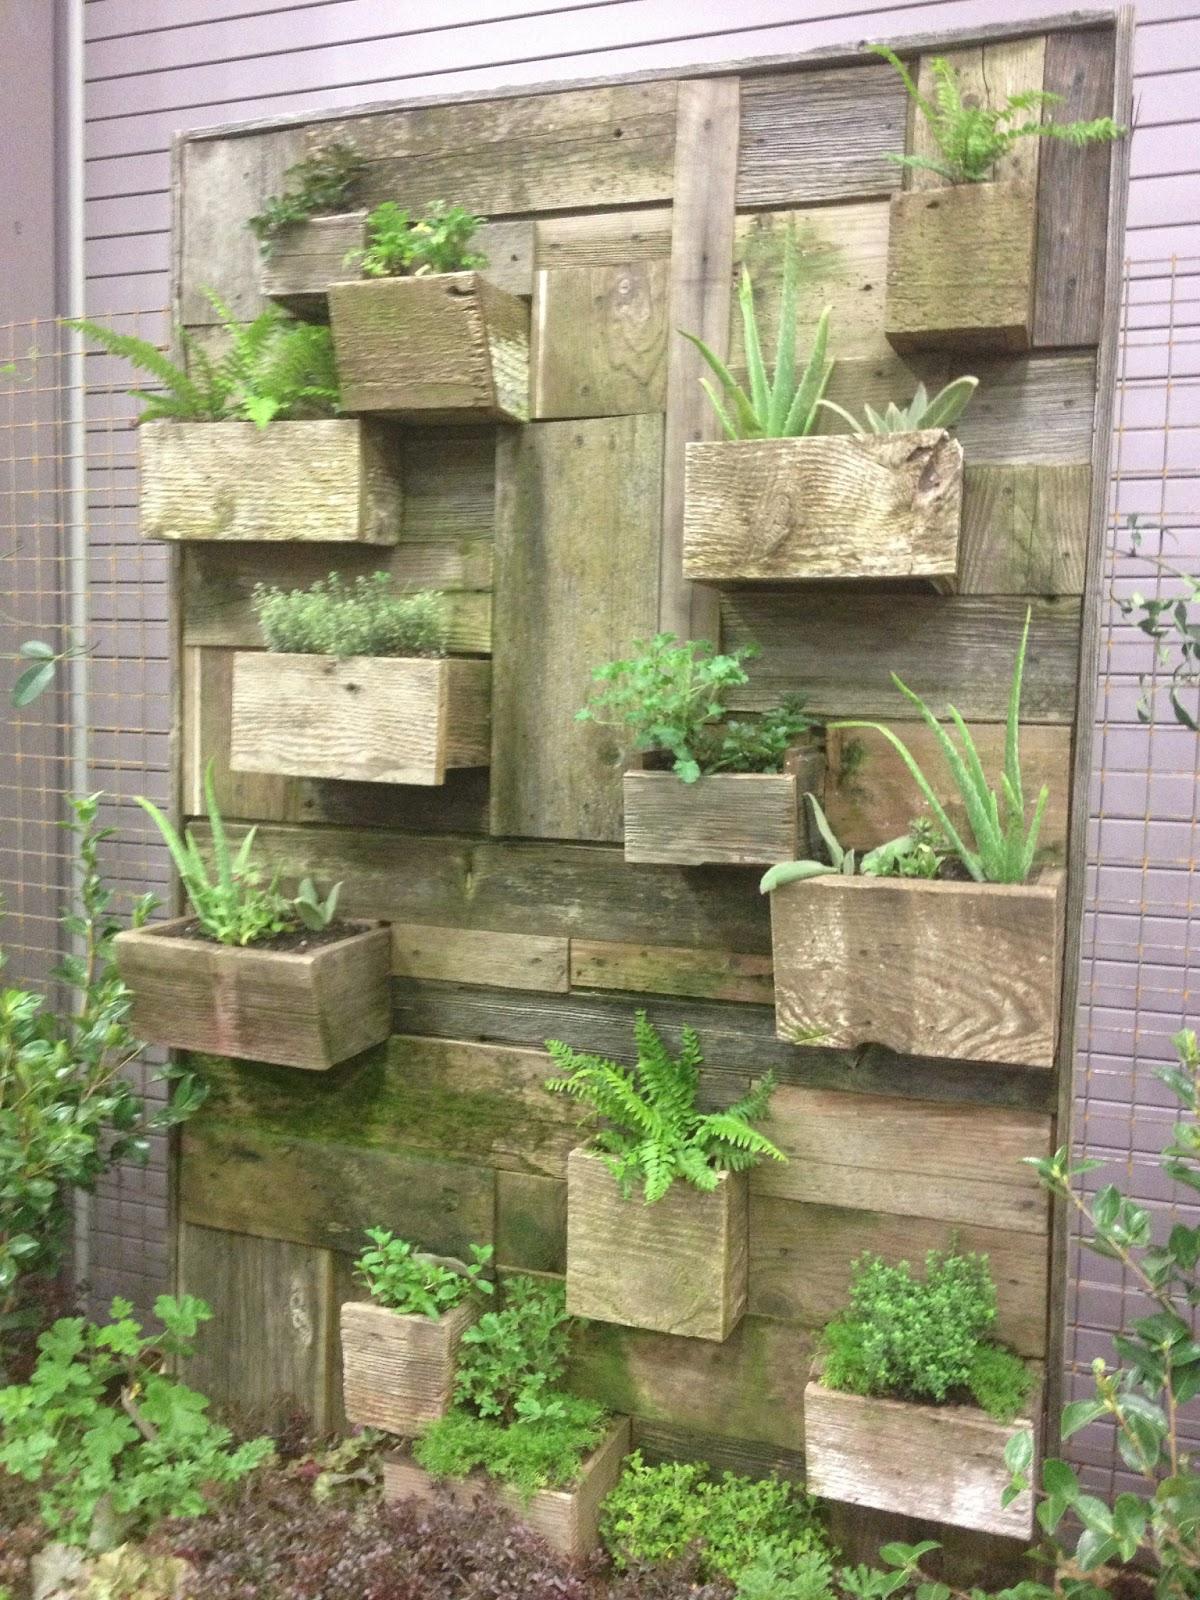 Garden Design Ideas Intended For Creative Ideas For A Small Garden